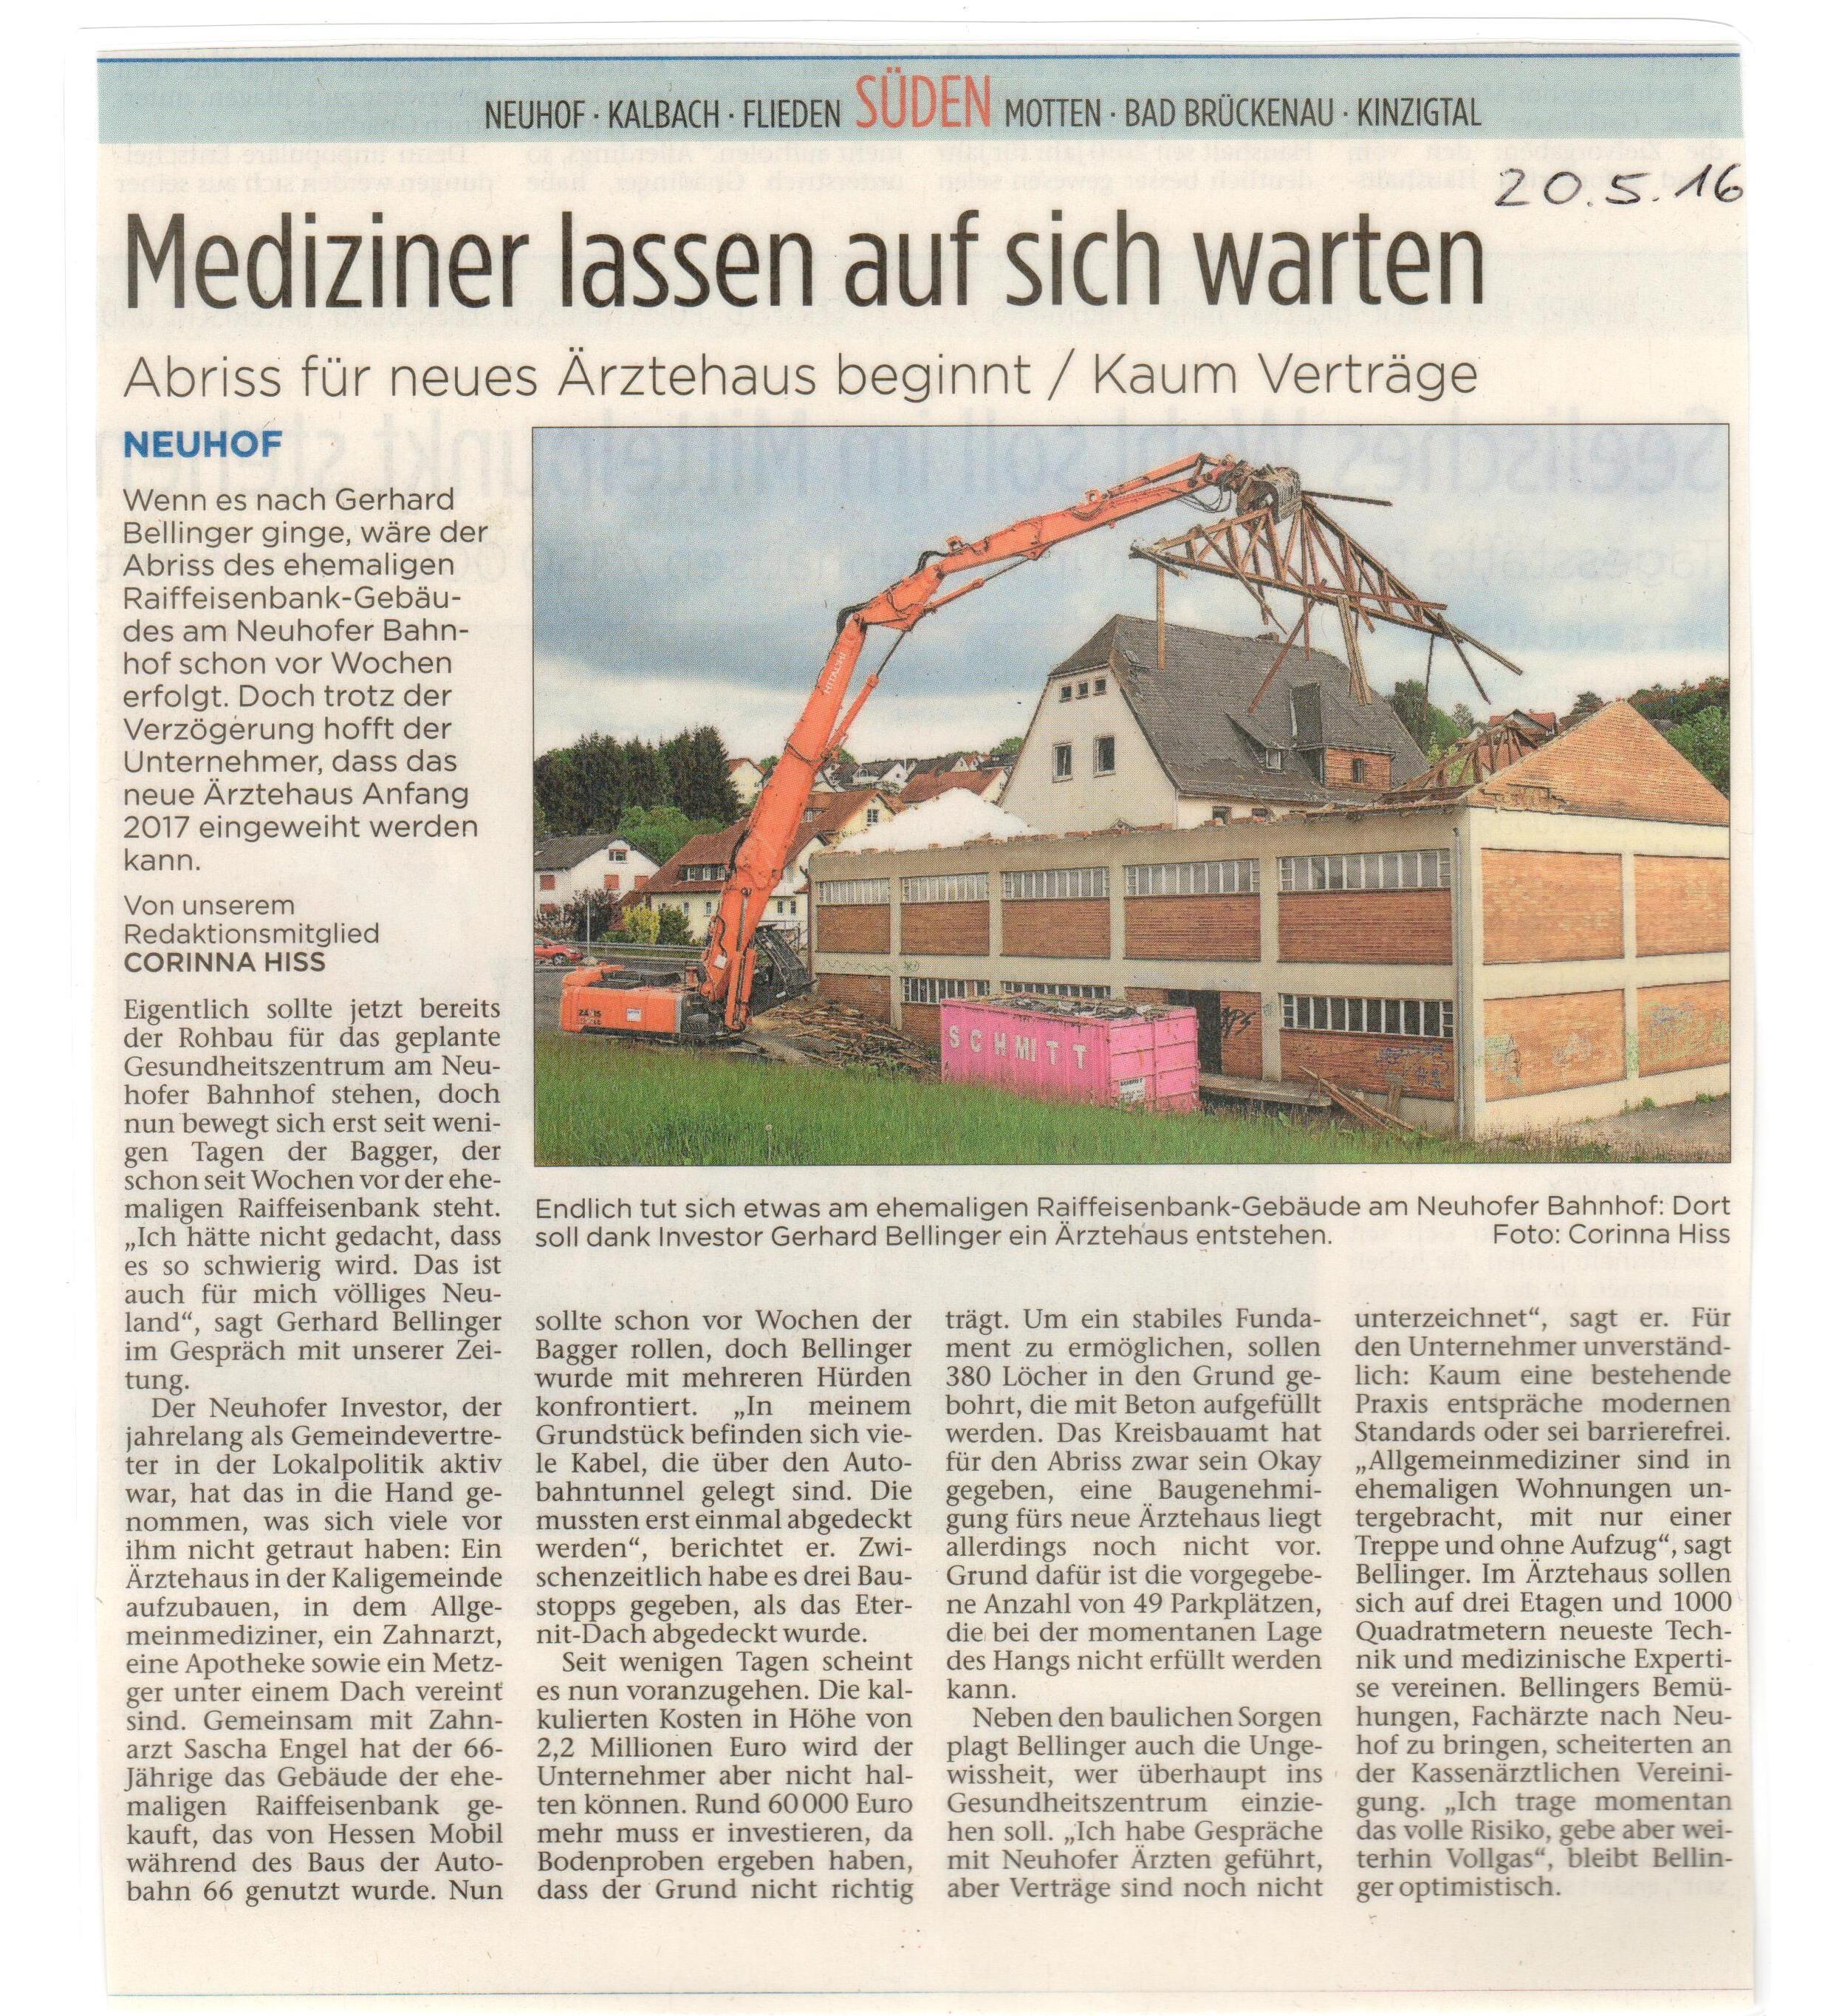 Abbruch des ehemaligen Raiffeisenbank-Gebäudes in Neuhof